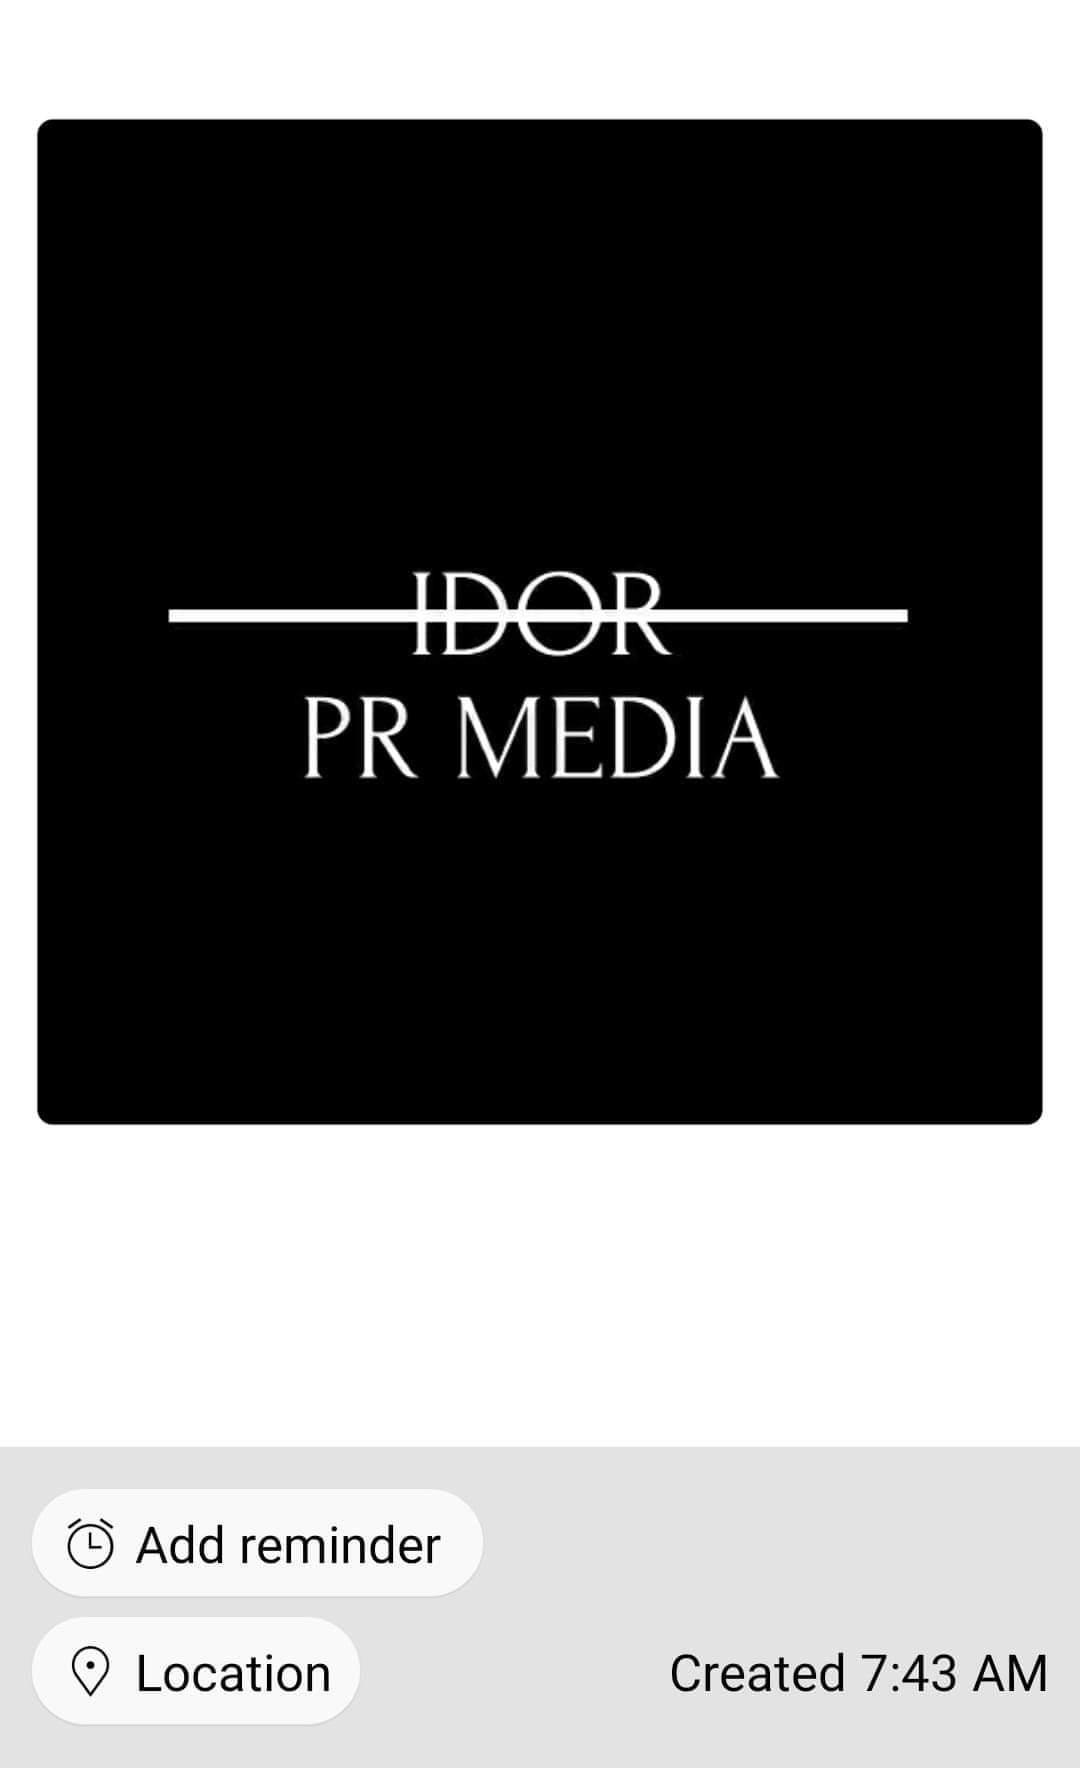 Idor PR Media